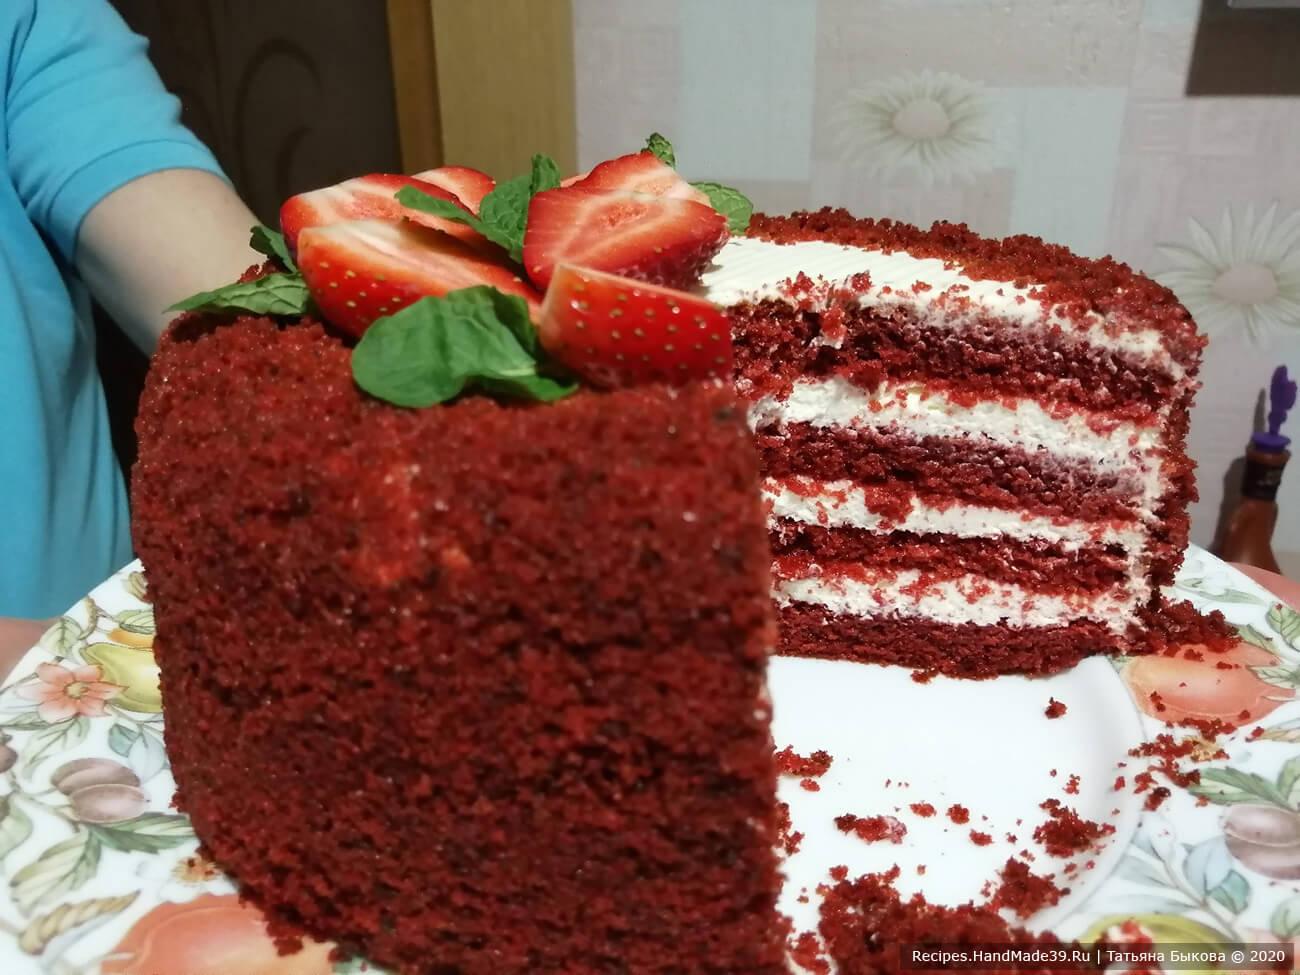 Украсить торт по своему вкусу. Убрать торт в холодильник на 1-2 часа для пропитки и охлаждения